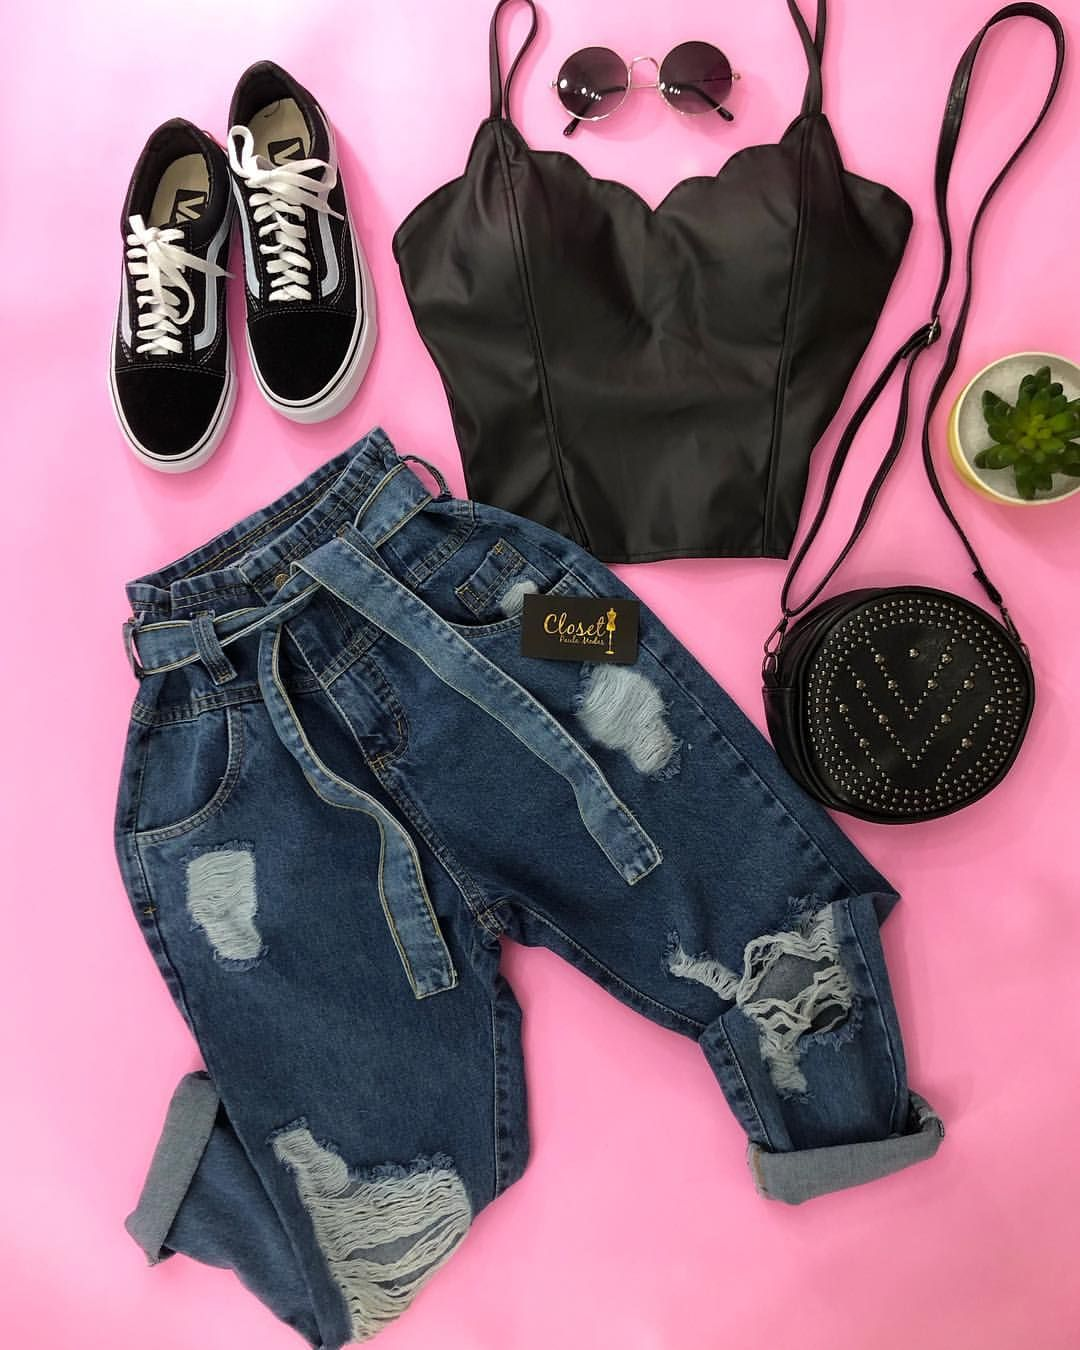 Macacão Jeans Moda Insta 2019 Lançamento Destroyer